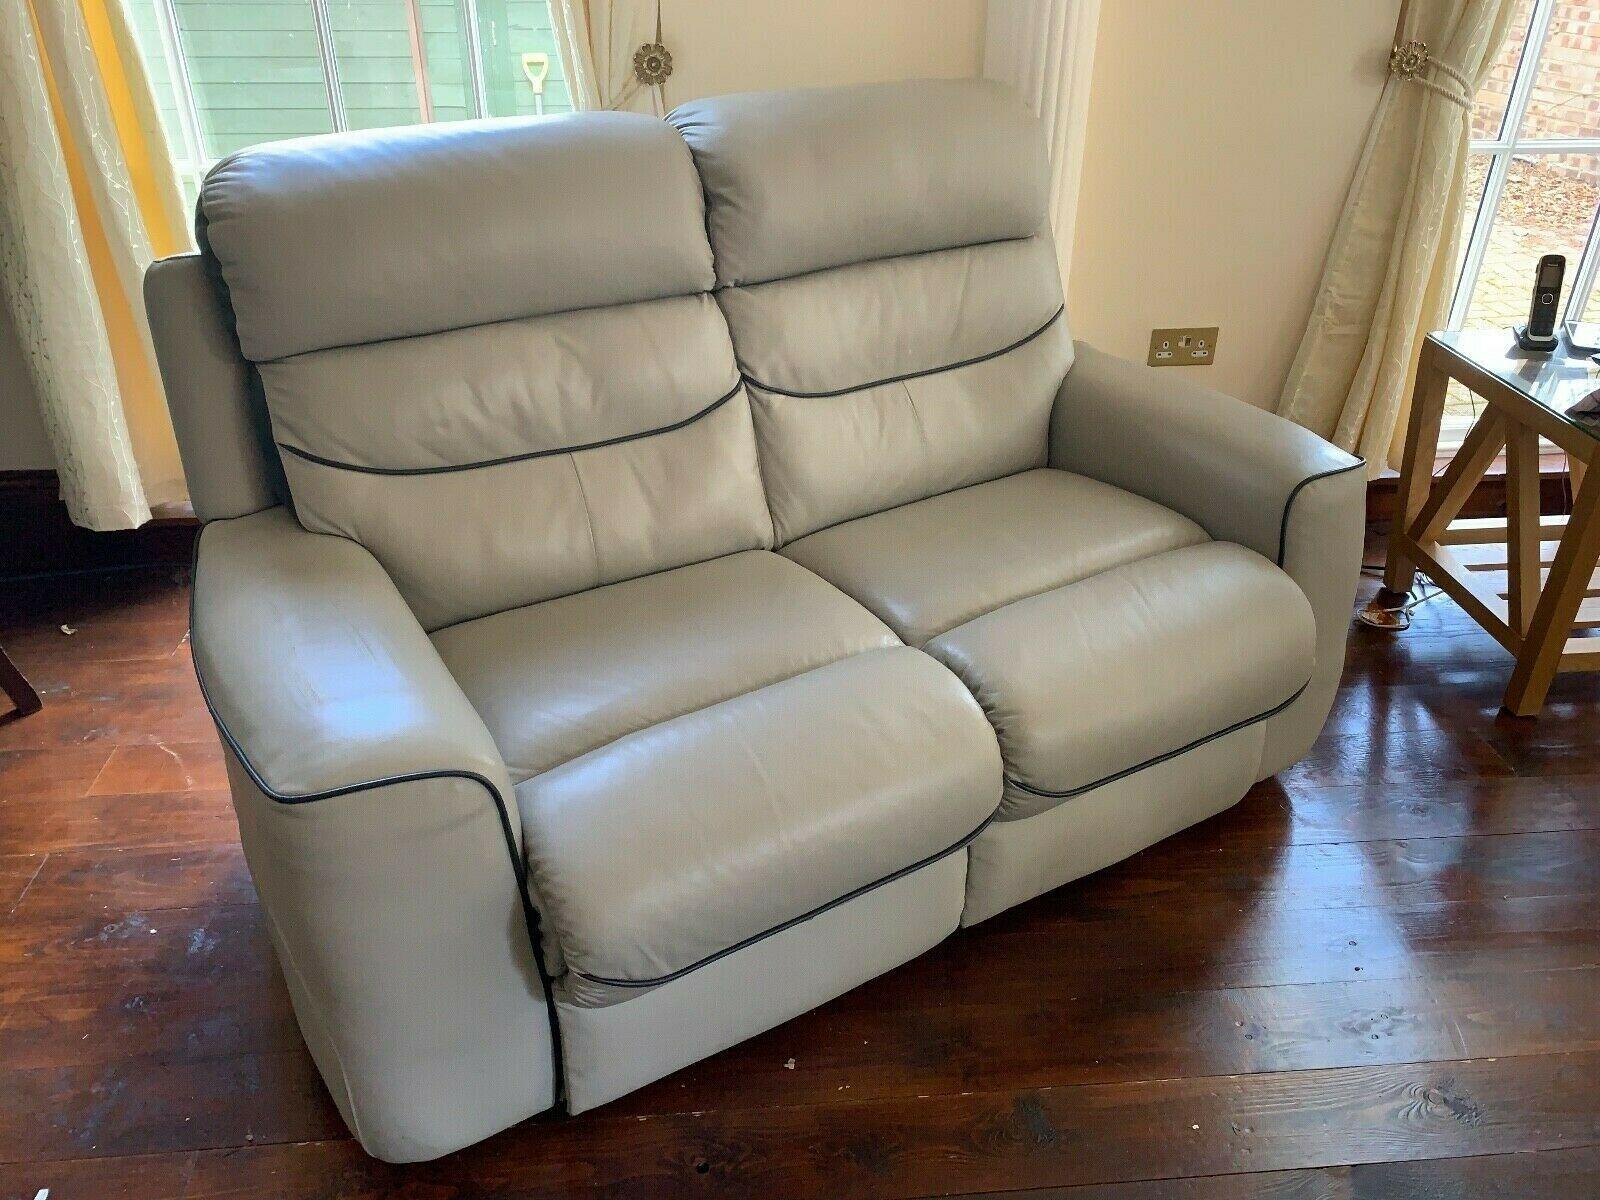 Lazy Boy Lazy boy recliner, Leather sofa, Sofa